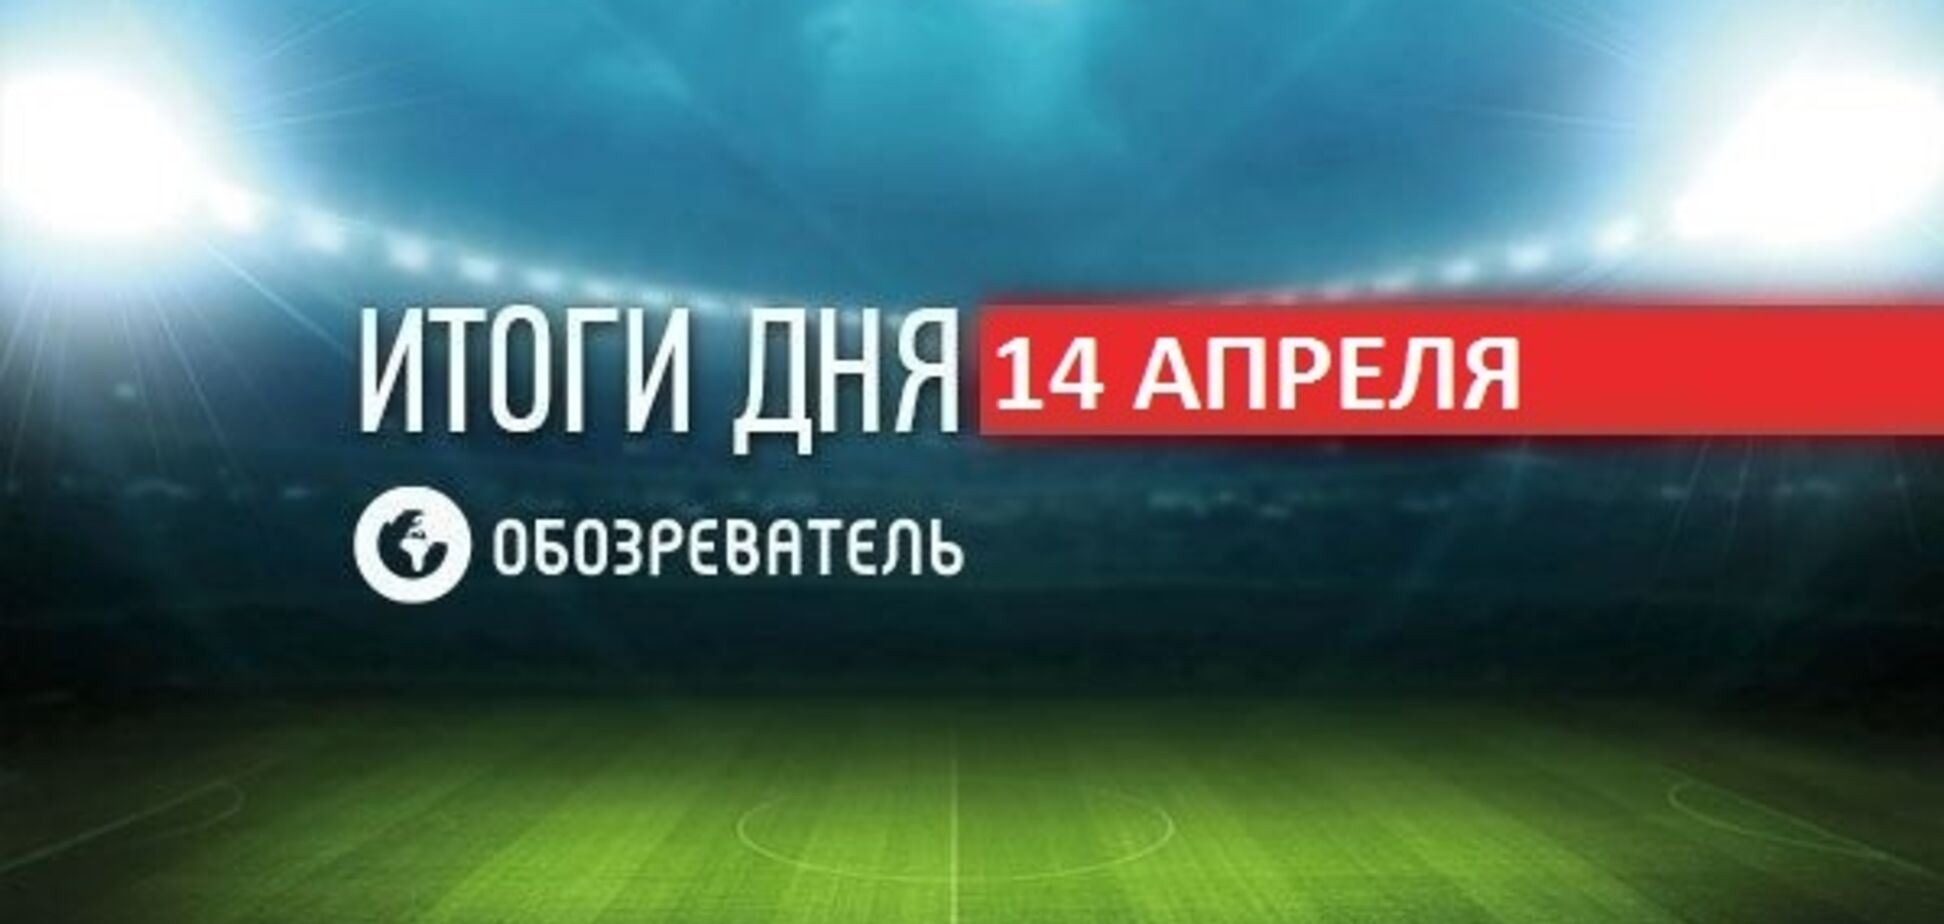 Усик записал резкое обращение к украинцам: спортивные итоги 14 апреля